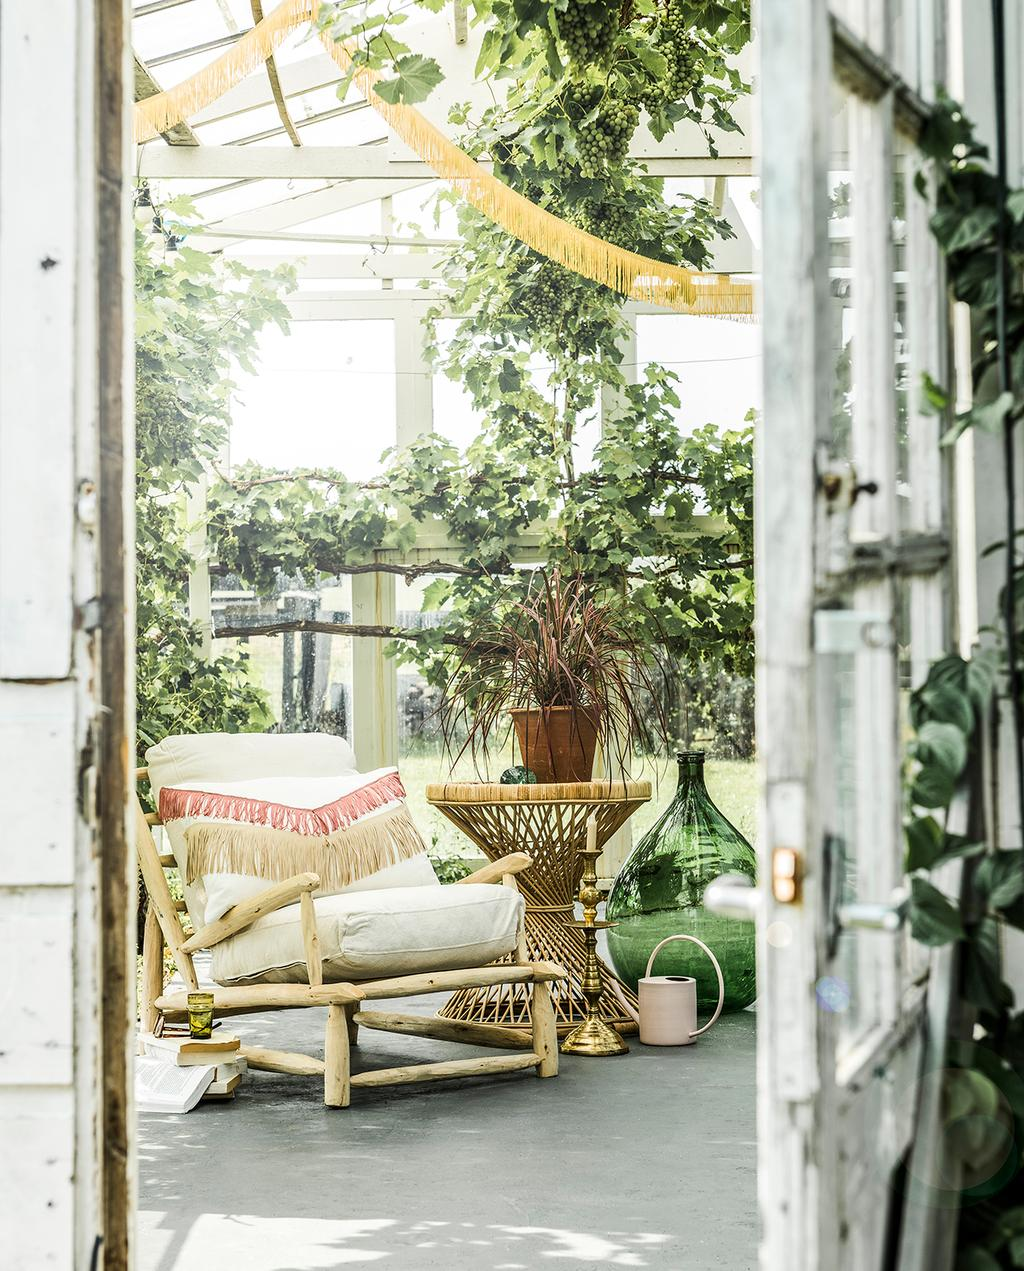 vtwonen tuin special 2 2020 | franjes kussens en decoratie in tuinhuis Franjes styling